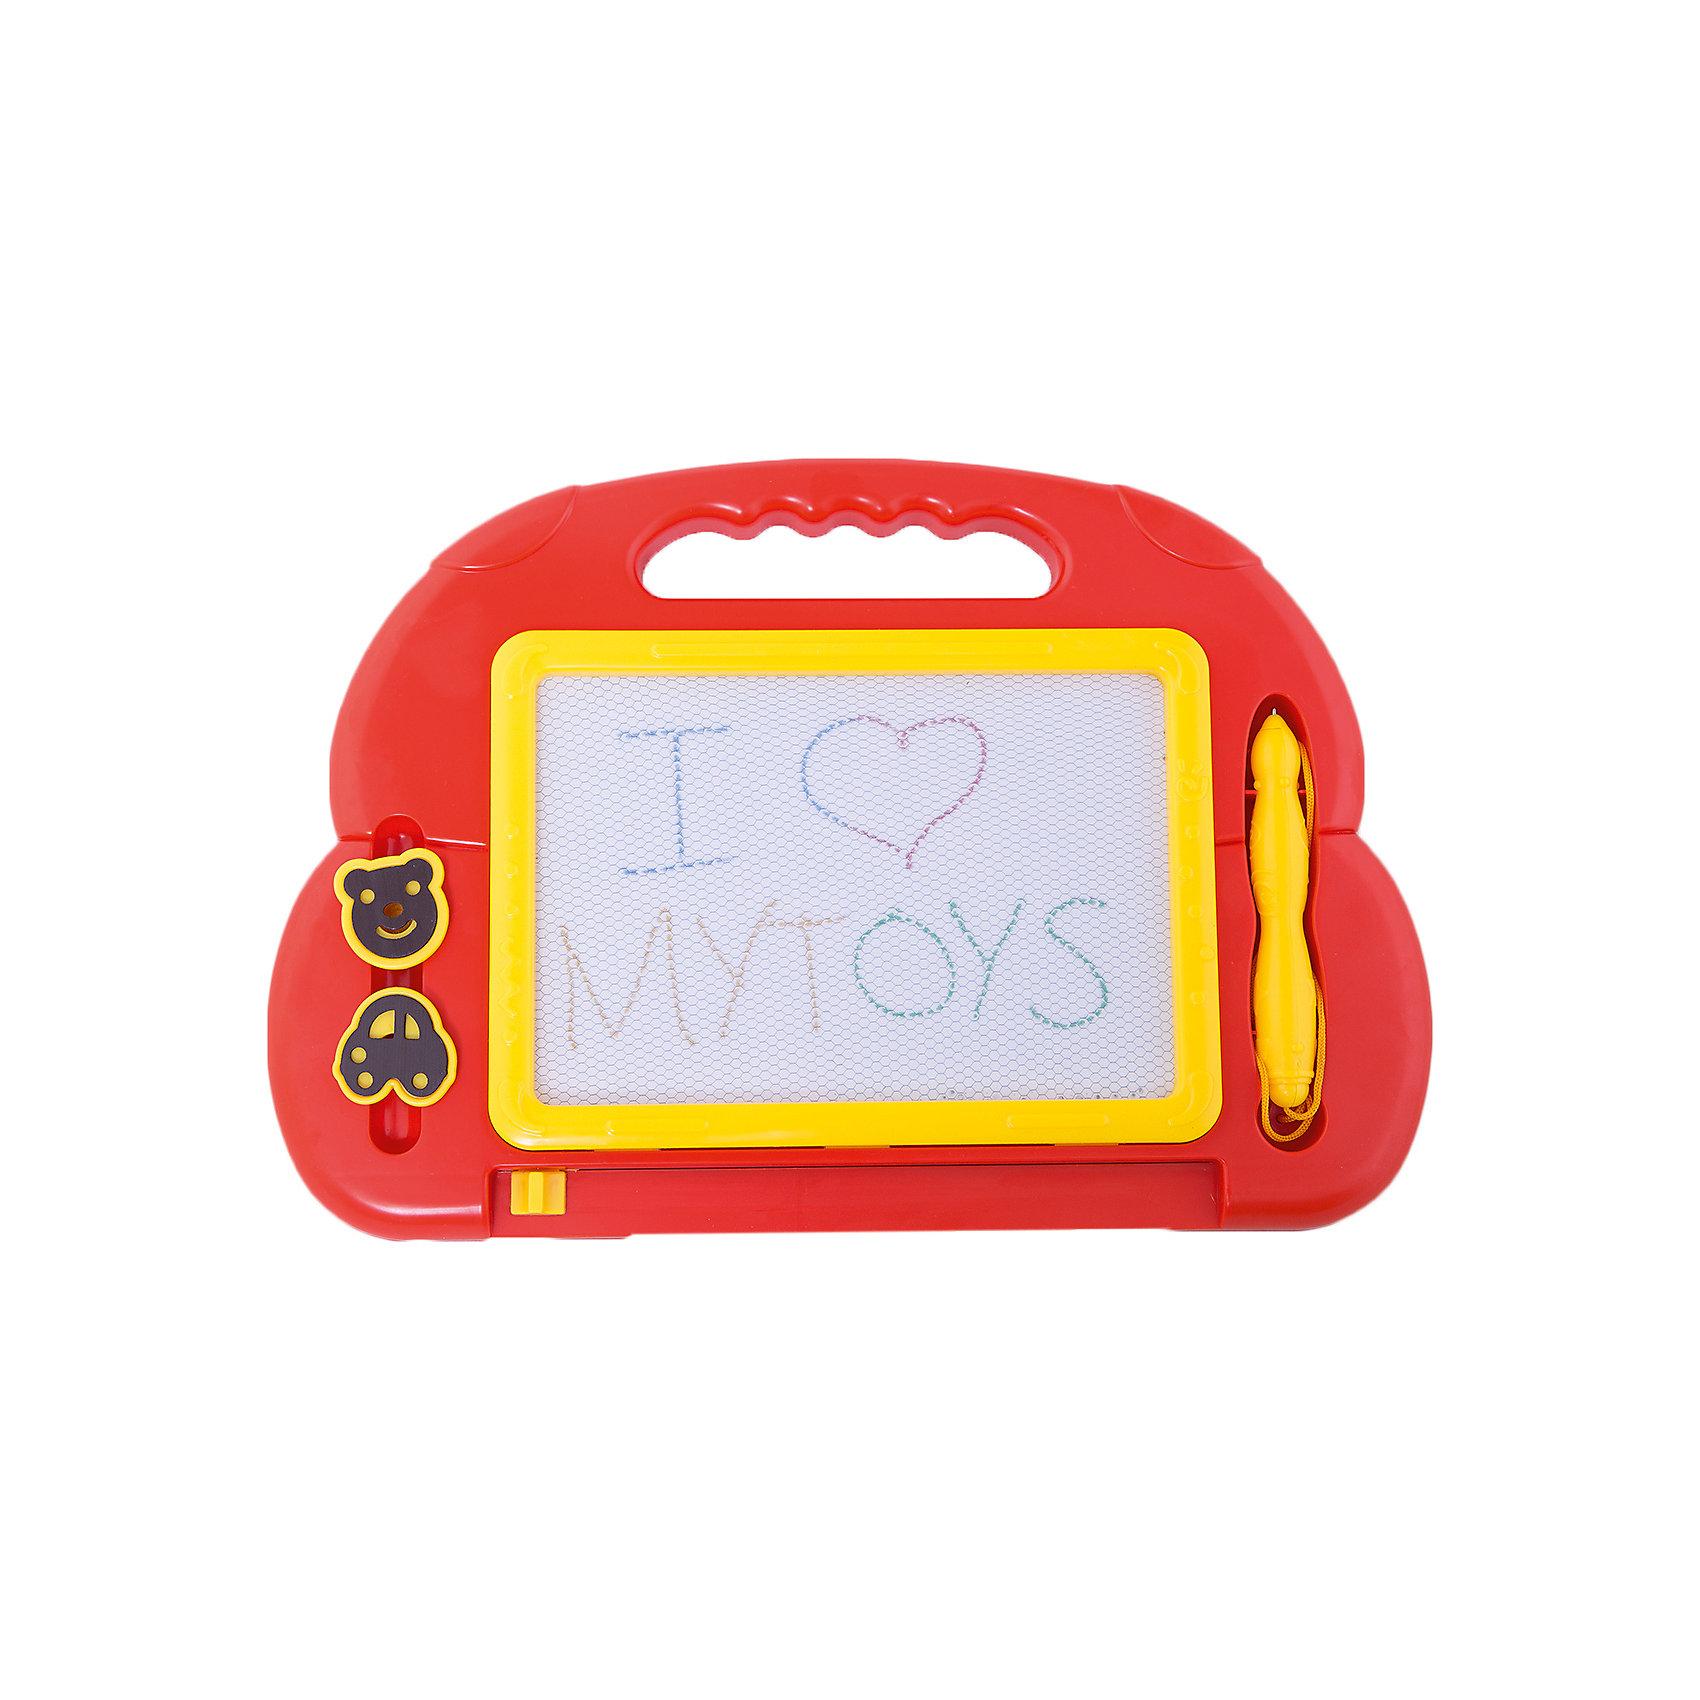 Магнитная доска, Play-DohДоски для рисования<br>Магнитная доска, Play-Doh, предназначена для записей и рисования. Доска выполнена из высококачественного прочного пластика. В комплект также входят специальная ручка на веревочке и 2 фигурных штампа. Упаковка - картонная коробка с вырубным окном.<br><br><br>Дополнительная информация:<br><br>- В комплекте: магнитная доска, специальная ручка на веревочке, 2 фигурных штампа.<br>- Материал: пластик <br>- Размер упаковки: 24 х 2 х 35,7 см.<br>- Вес: 0,422 кг. <br><br>Магнитную доску, Play-Doh, можно купить в нашем интернет-магазине.<br><br>Ширина мм: 240<br>Глубина мм: 357<br>Высота мм: 20<br>Вес г: 422<br>Возраст от месяцев: 36<br>Возраст до месяцев: 72<br>Пол: Унисекс<br>Возраст: Детский<br>SKU: 4681187